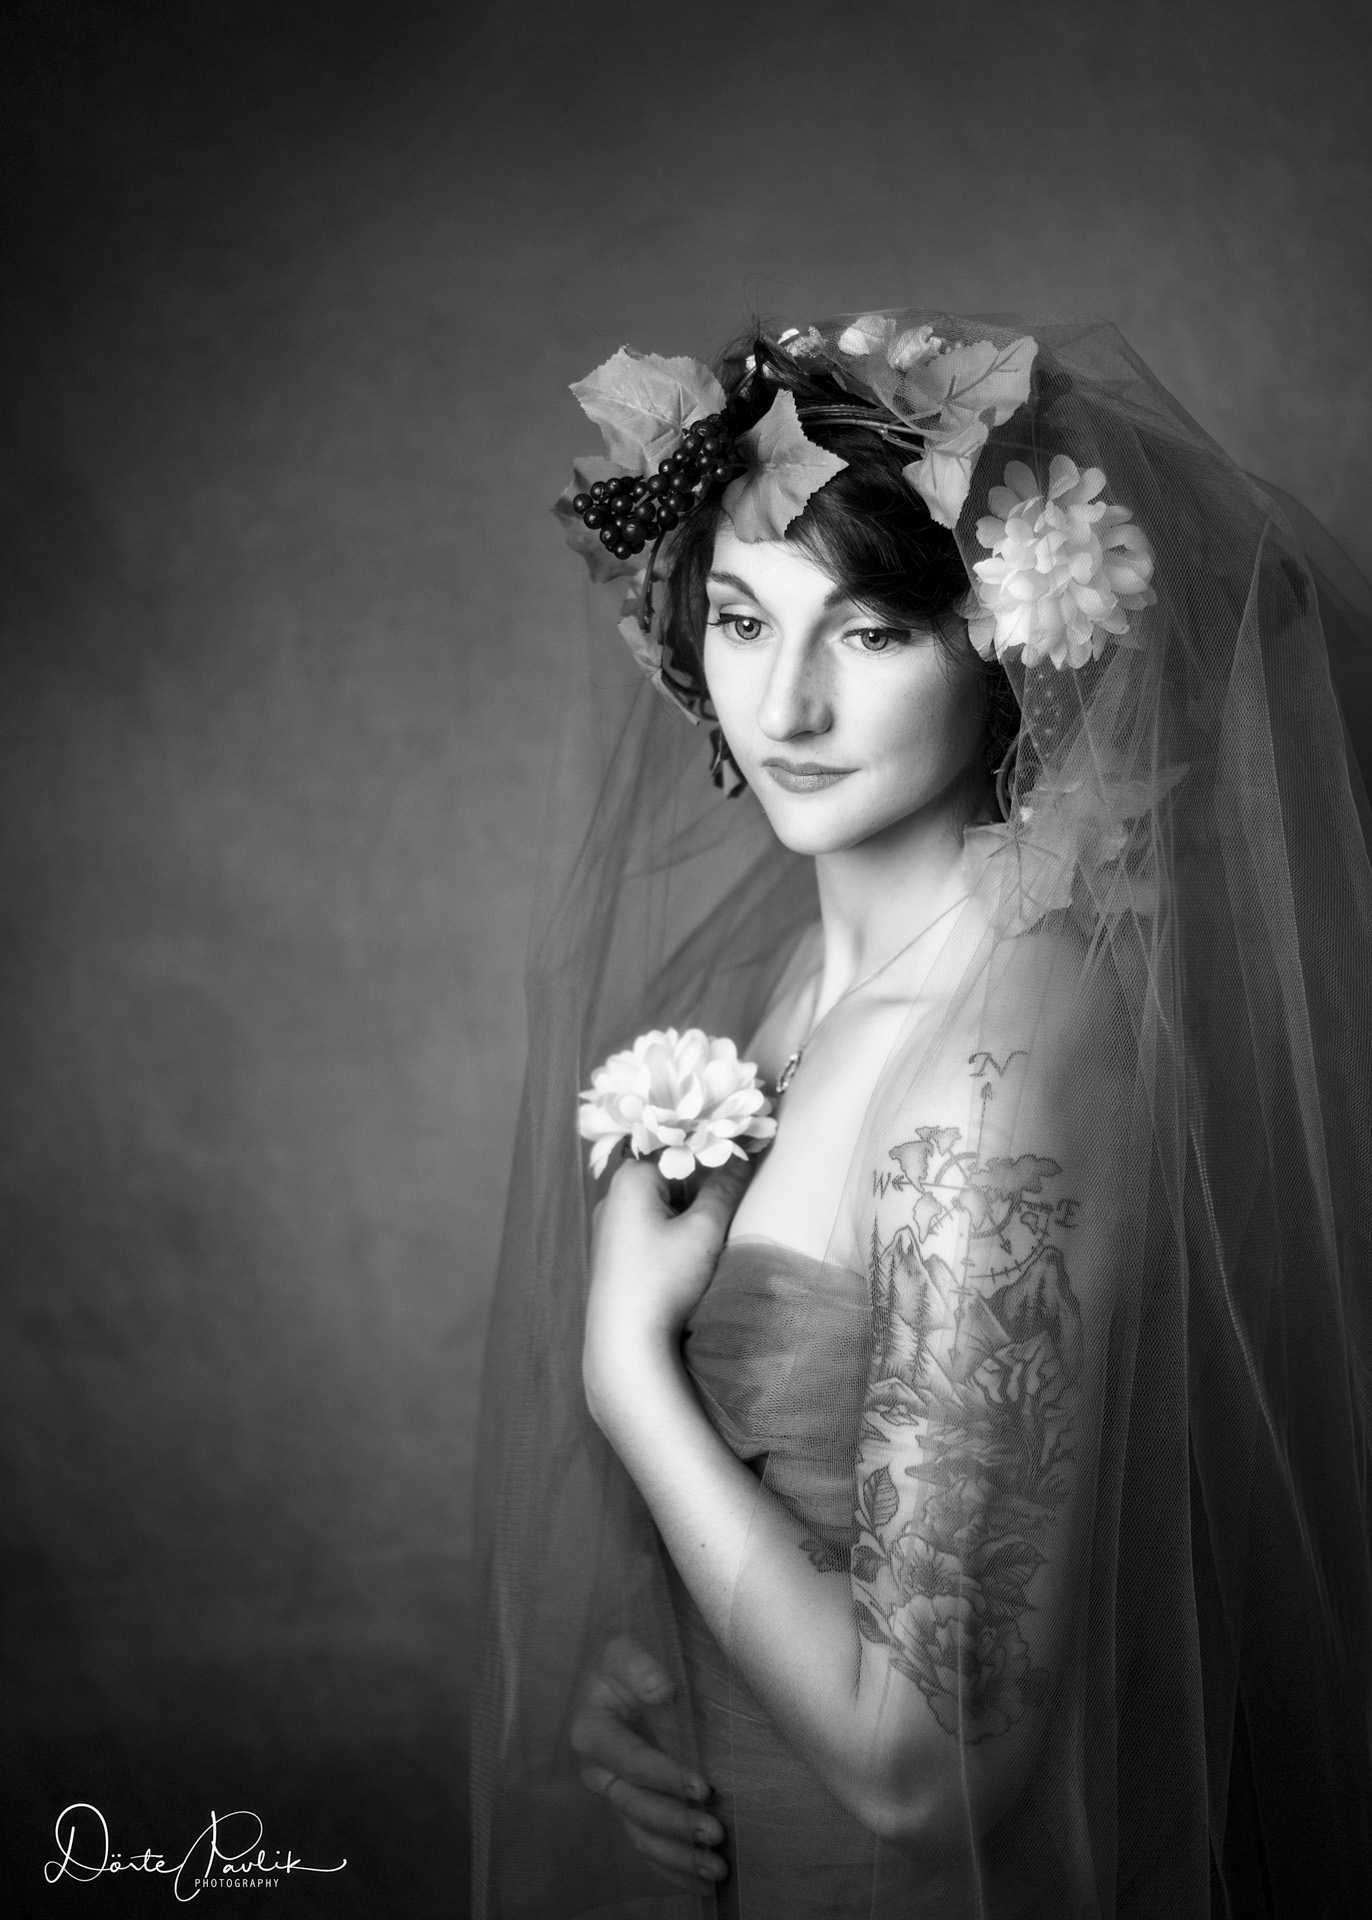 Flower Girl BW web - Doerte Pavlik